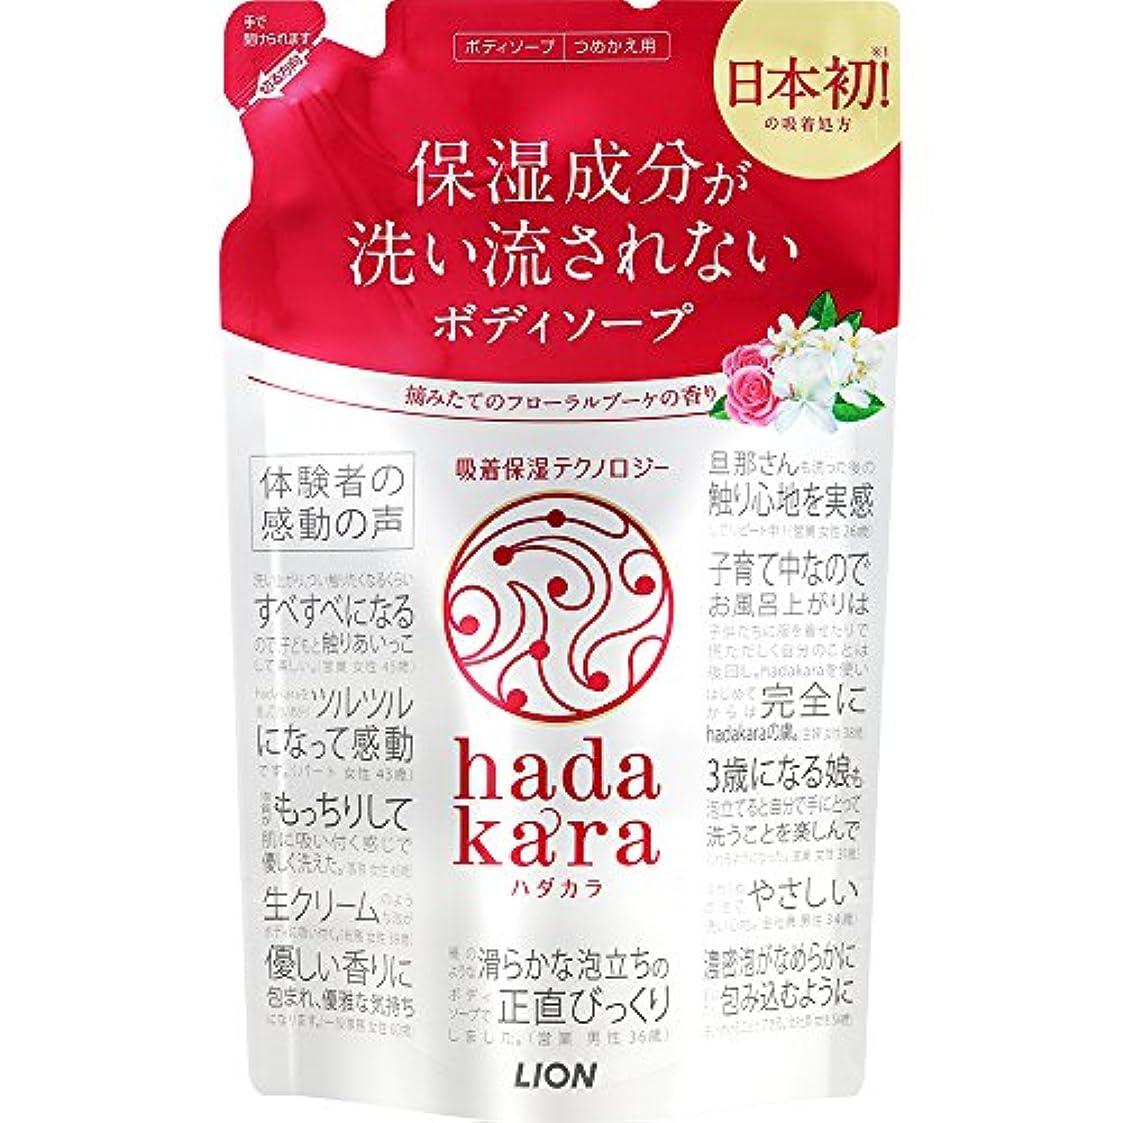 恐竜薬適度にhadakara(ハダカラ) ボディソープ フローラルブーケの香り 詰め替え 360ml